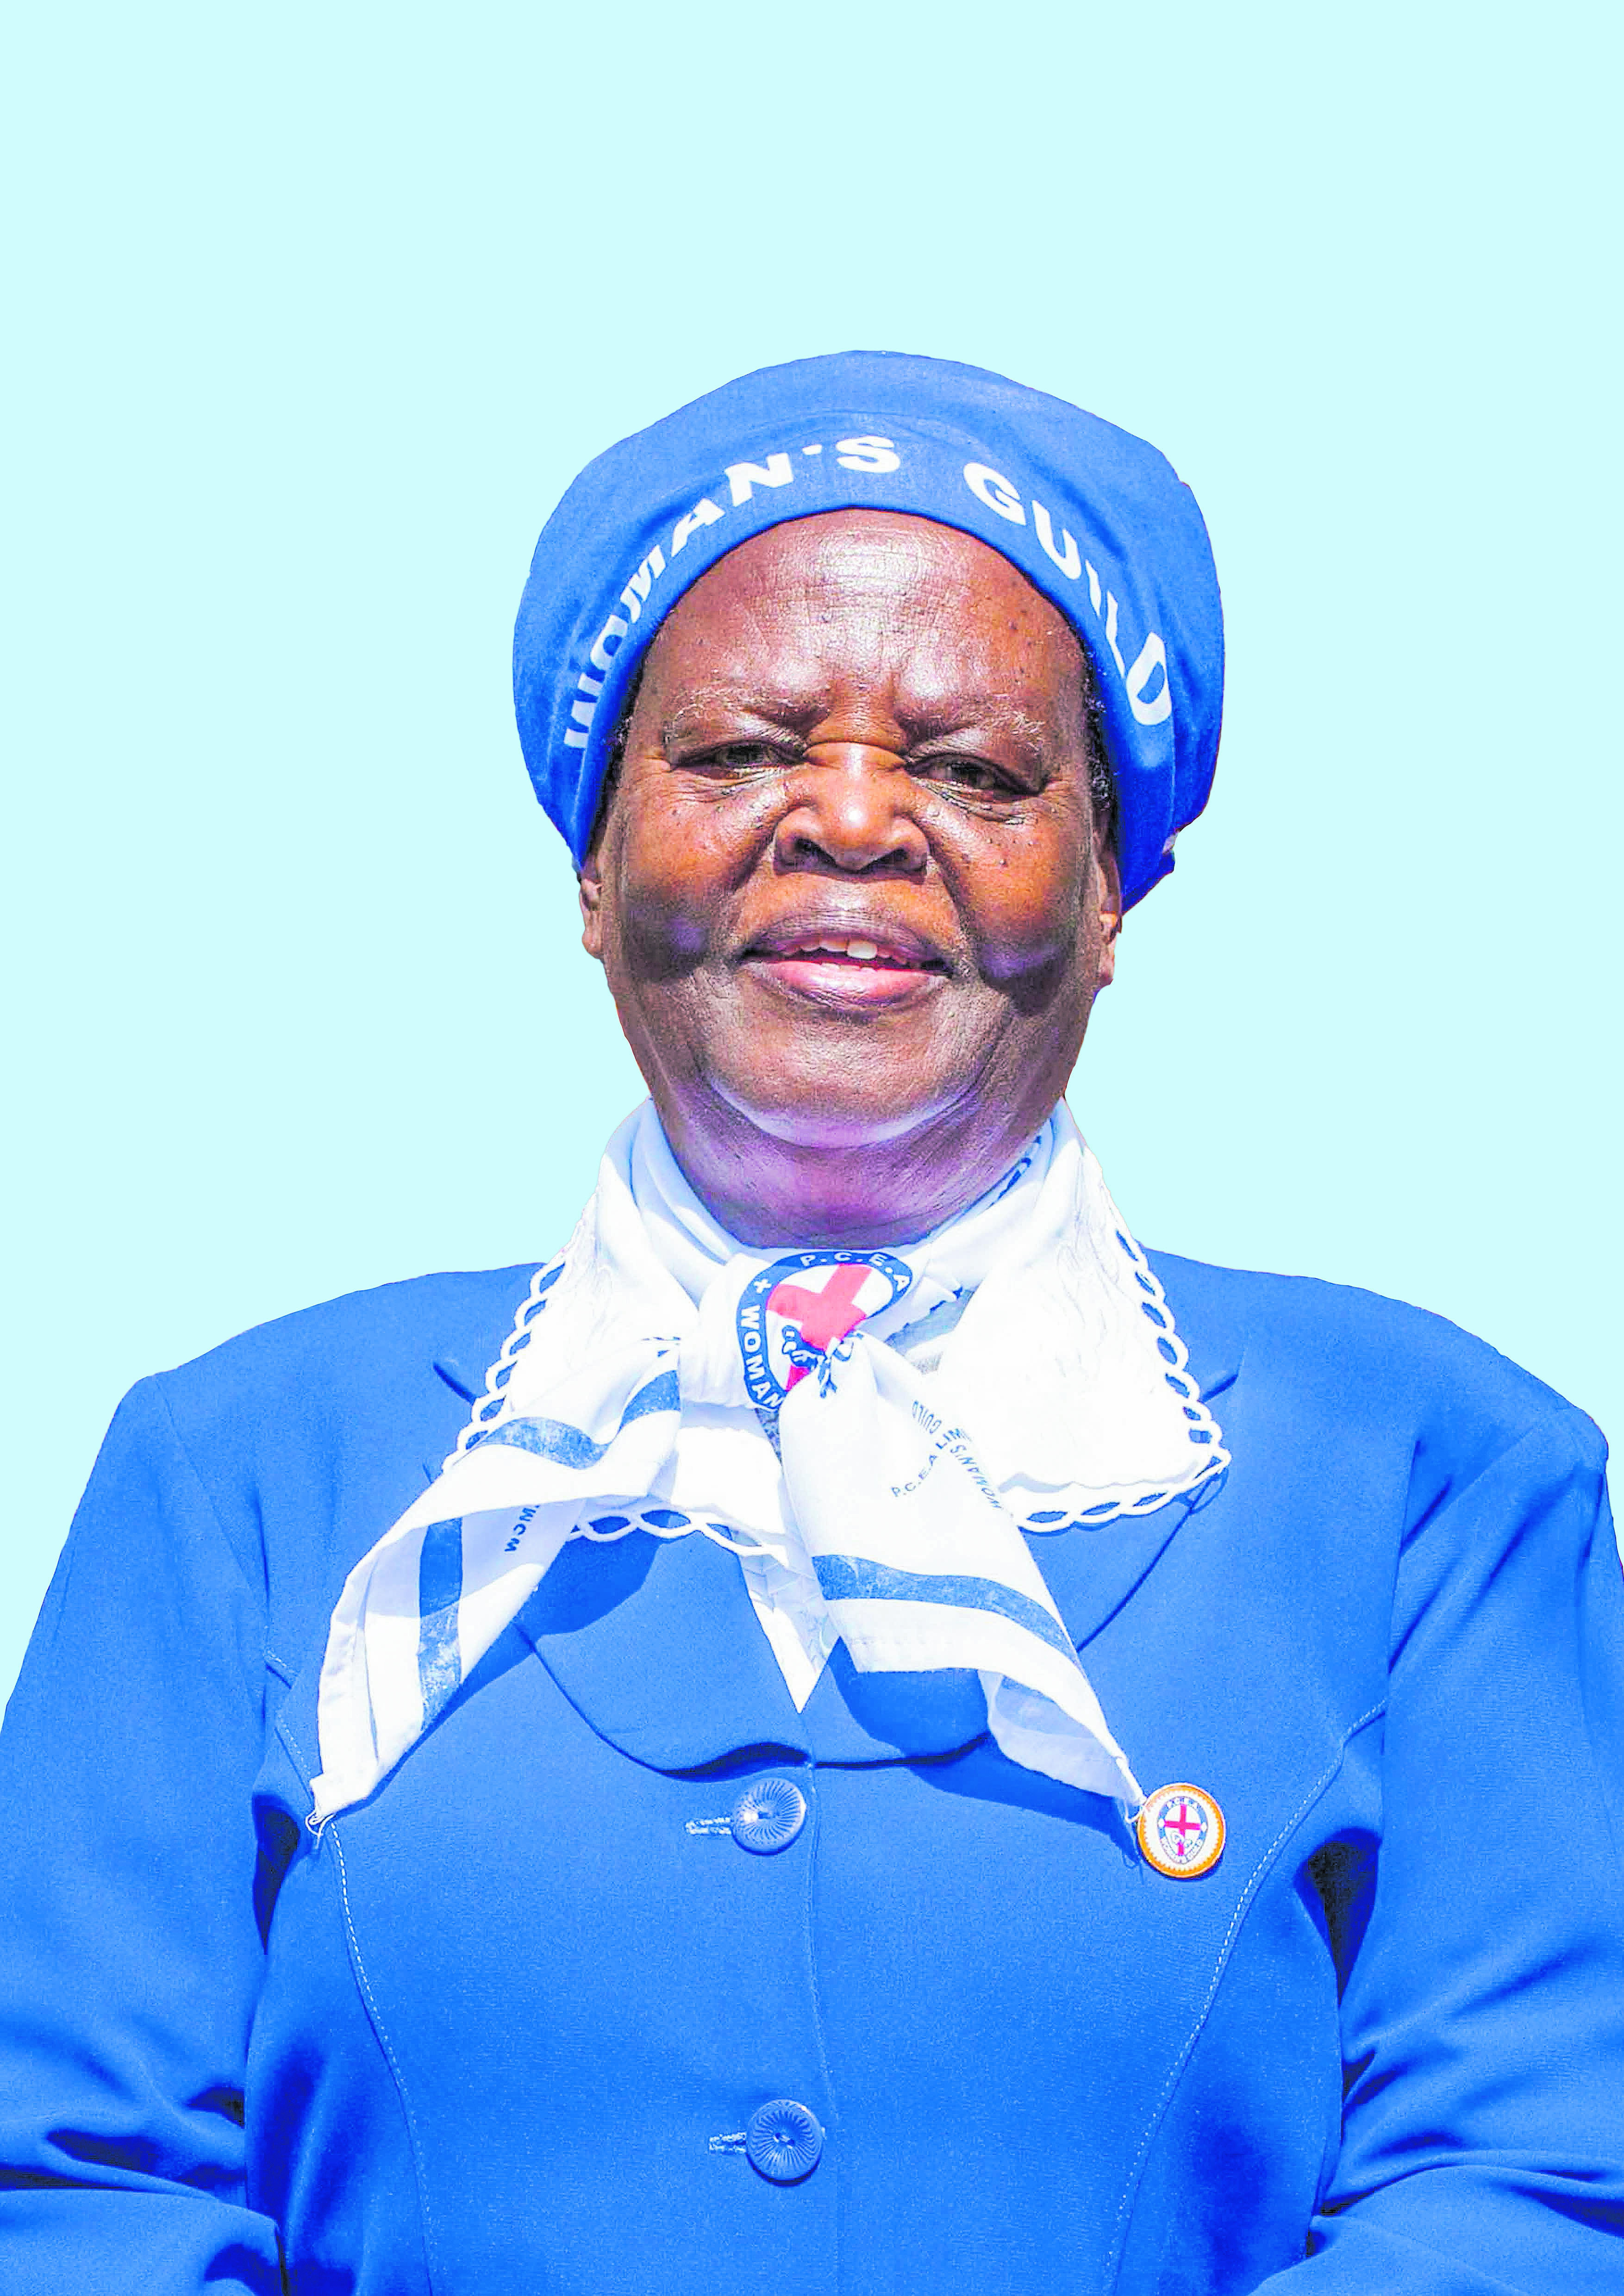 Mrs. Rosemary Wanjiru Kagwima